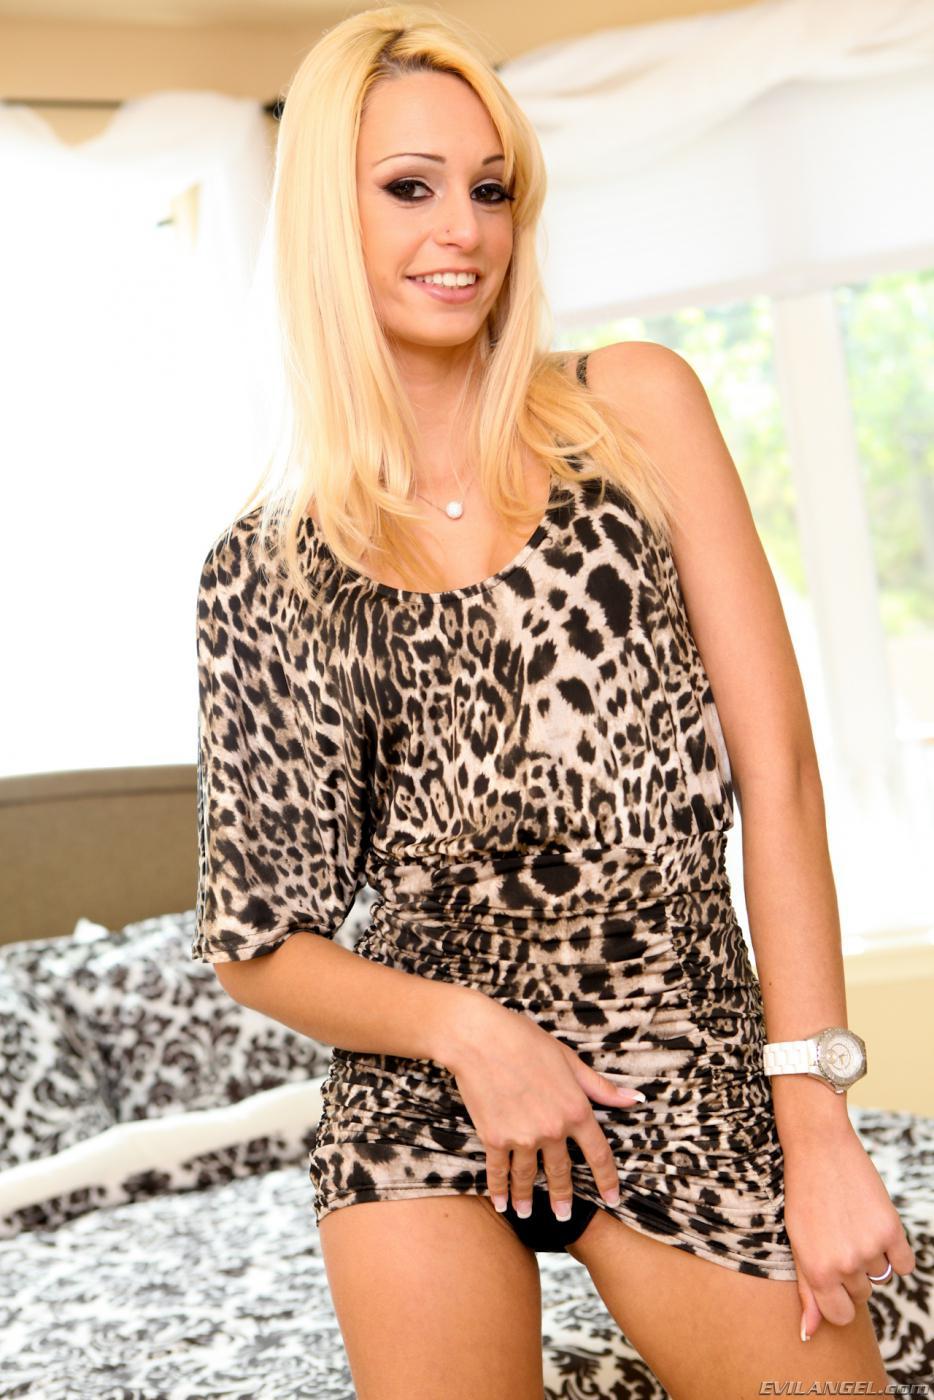 Блондинка-подросток Erica Fontes вот-вот покажет раздетые буфера